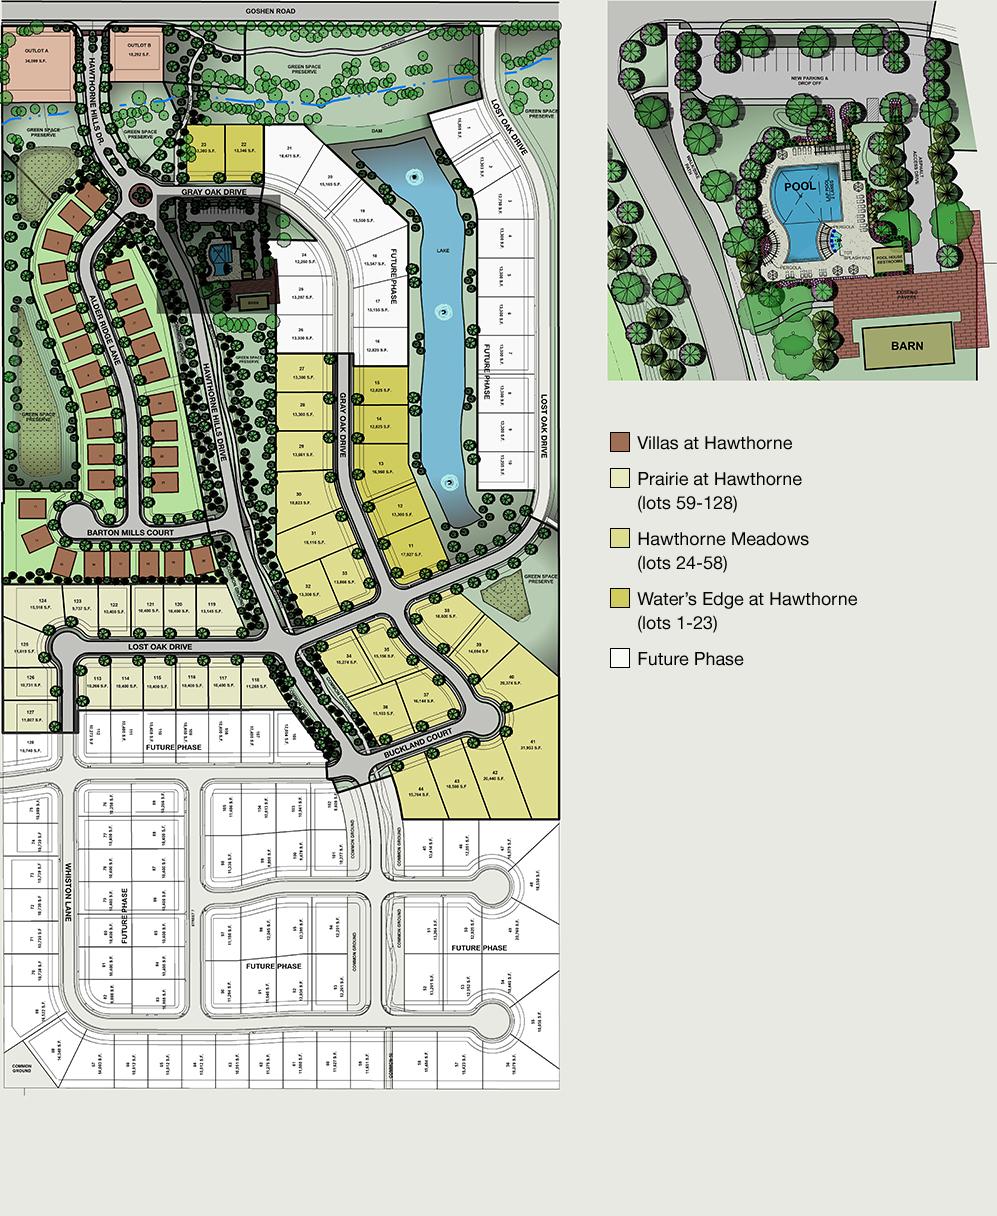 The Neighborhood Map